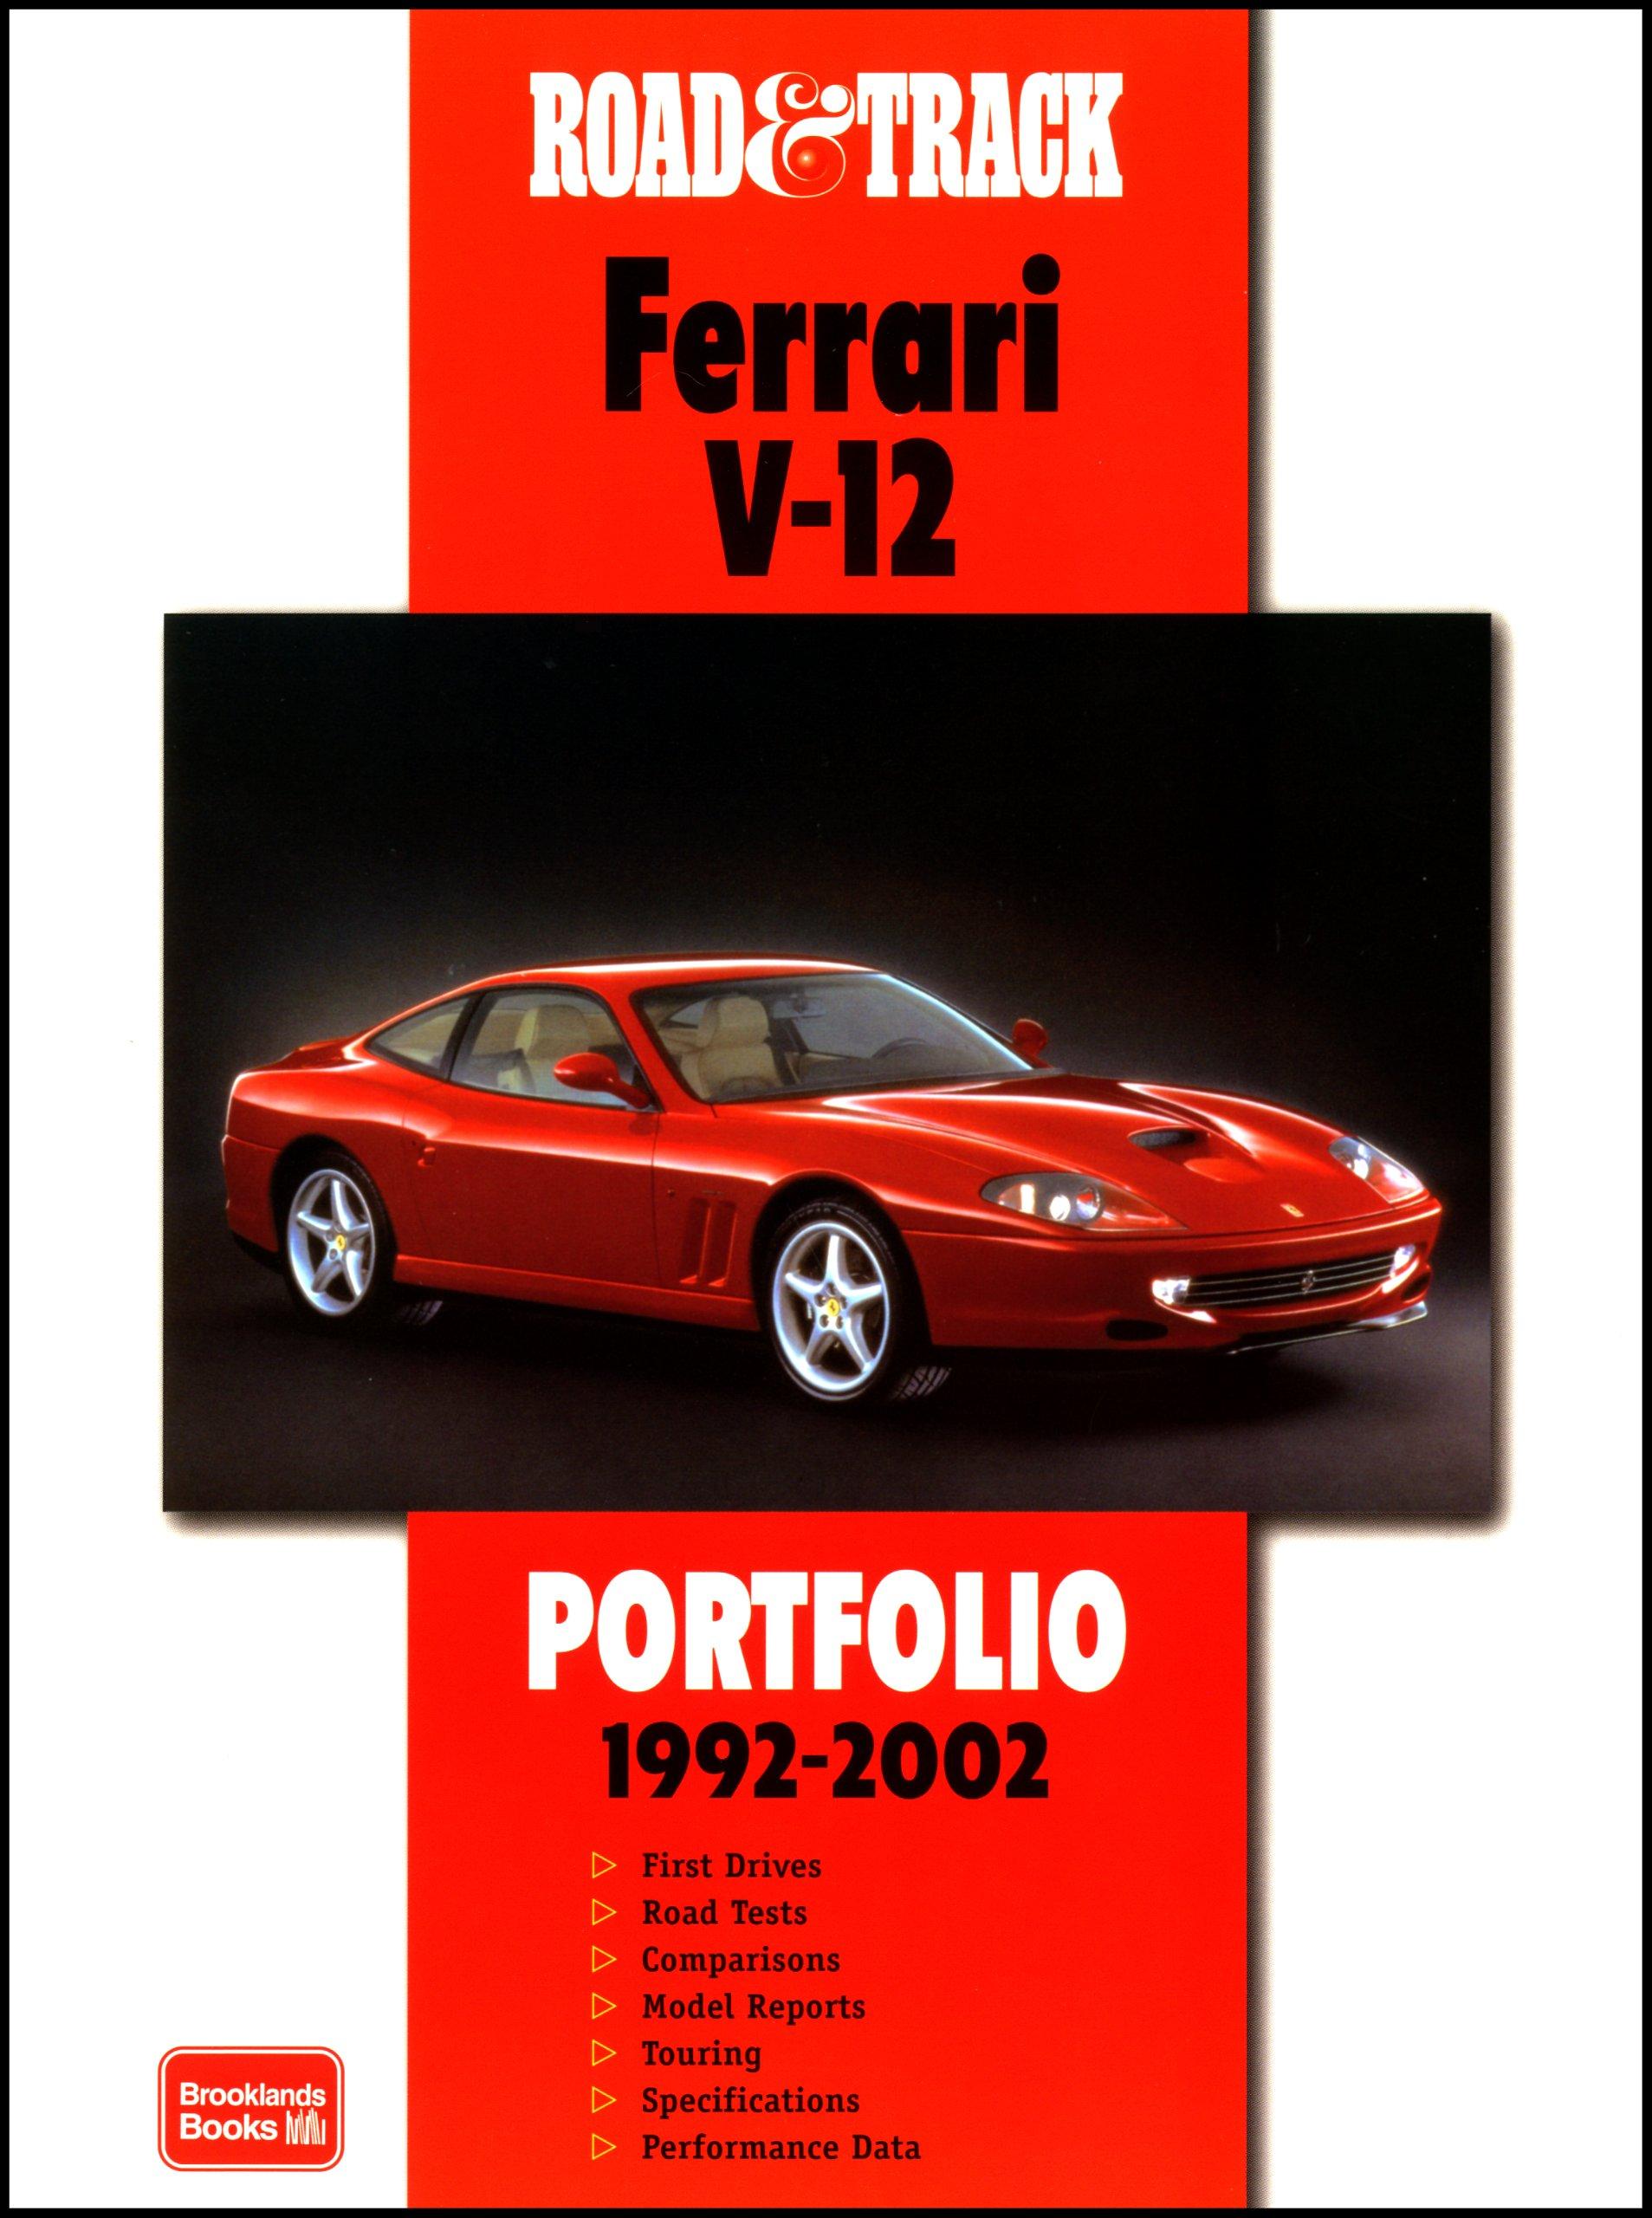 road-track-ferrari-v-12-portfolio-1992-2002